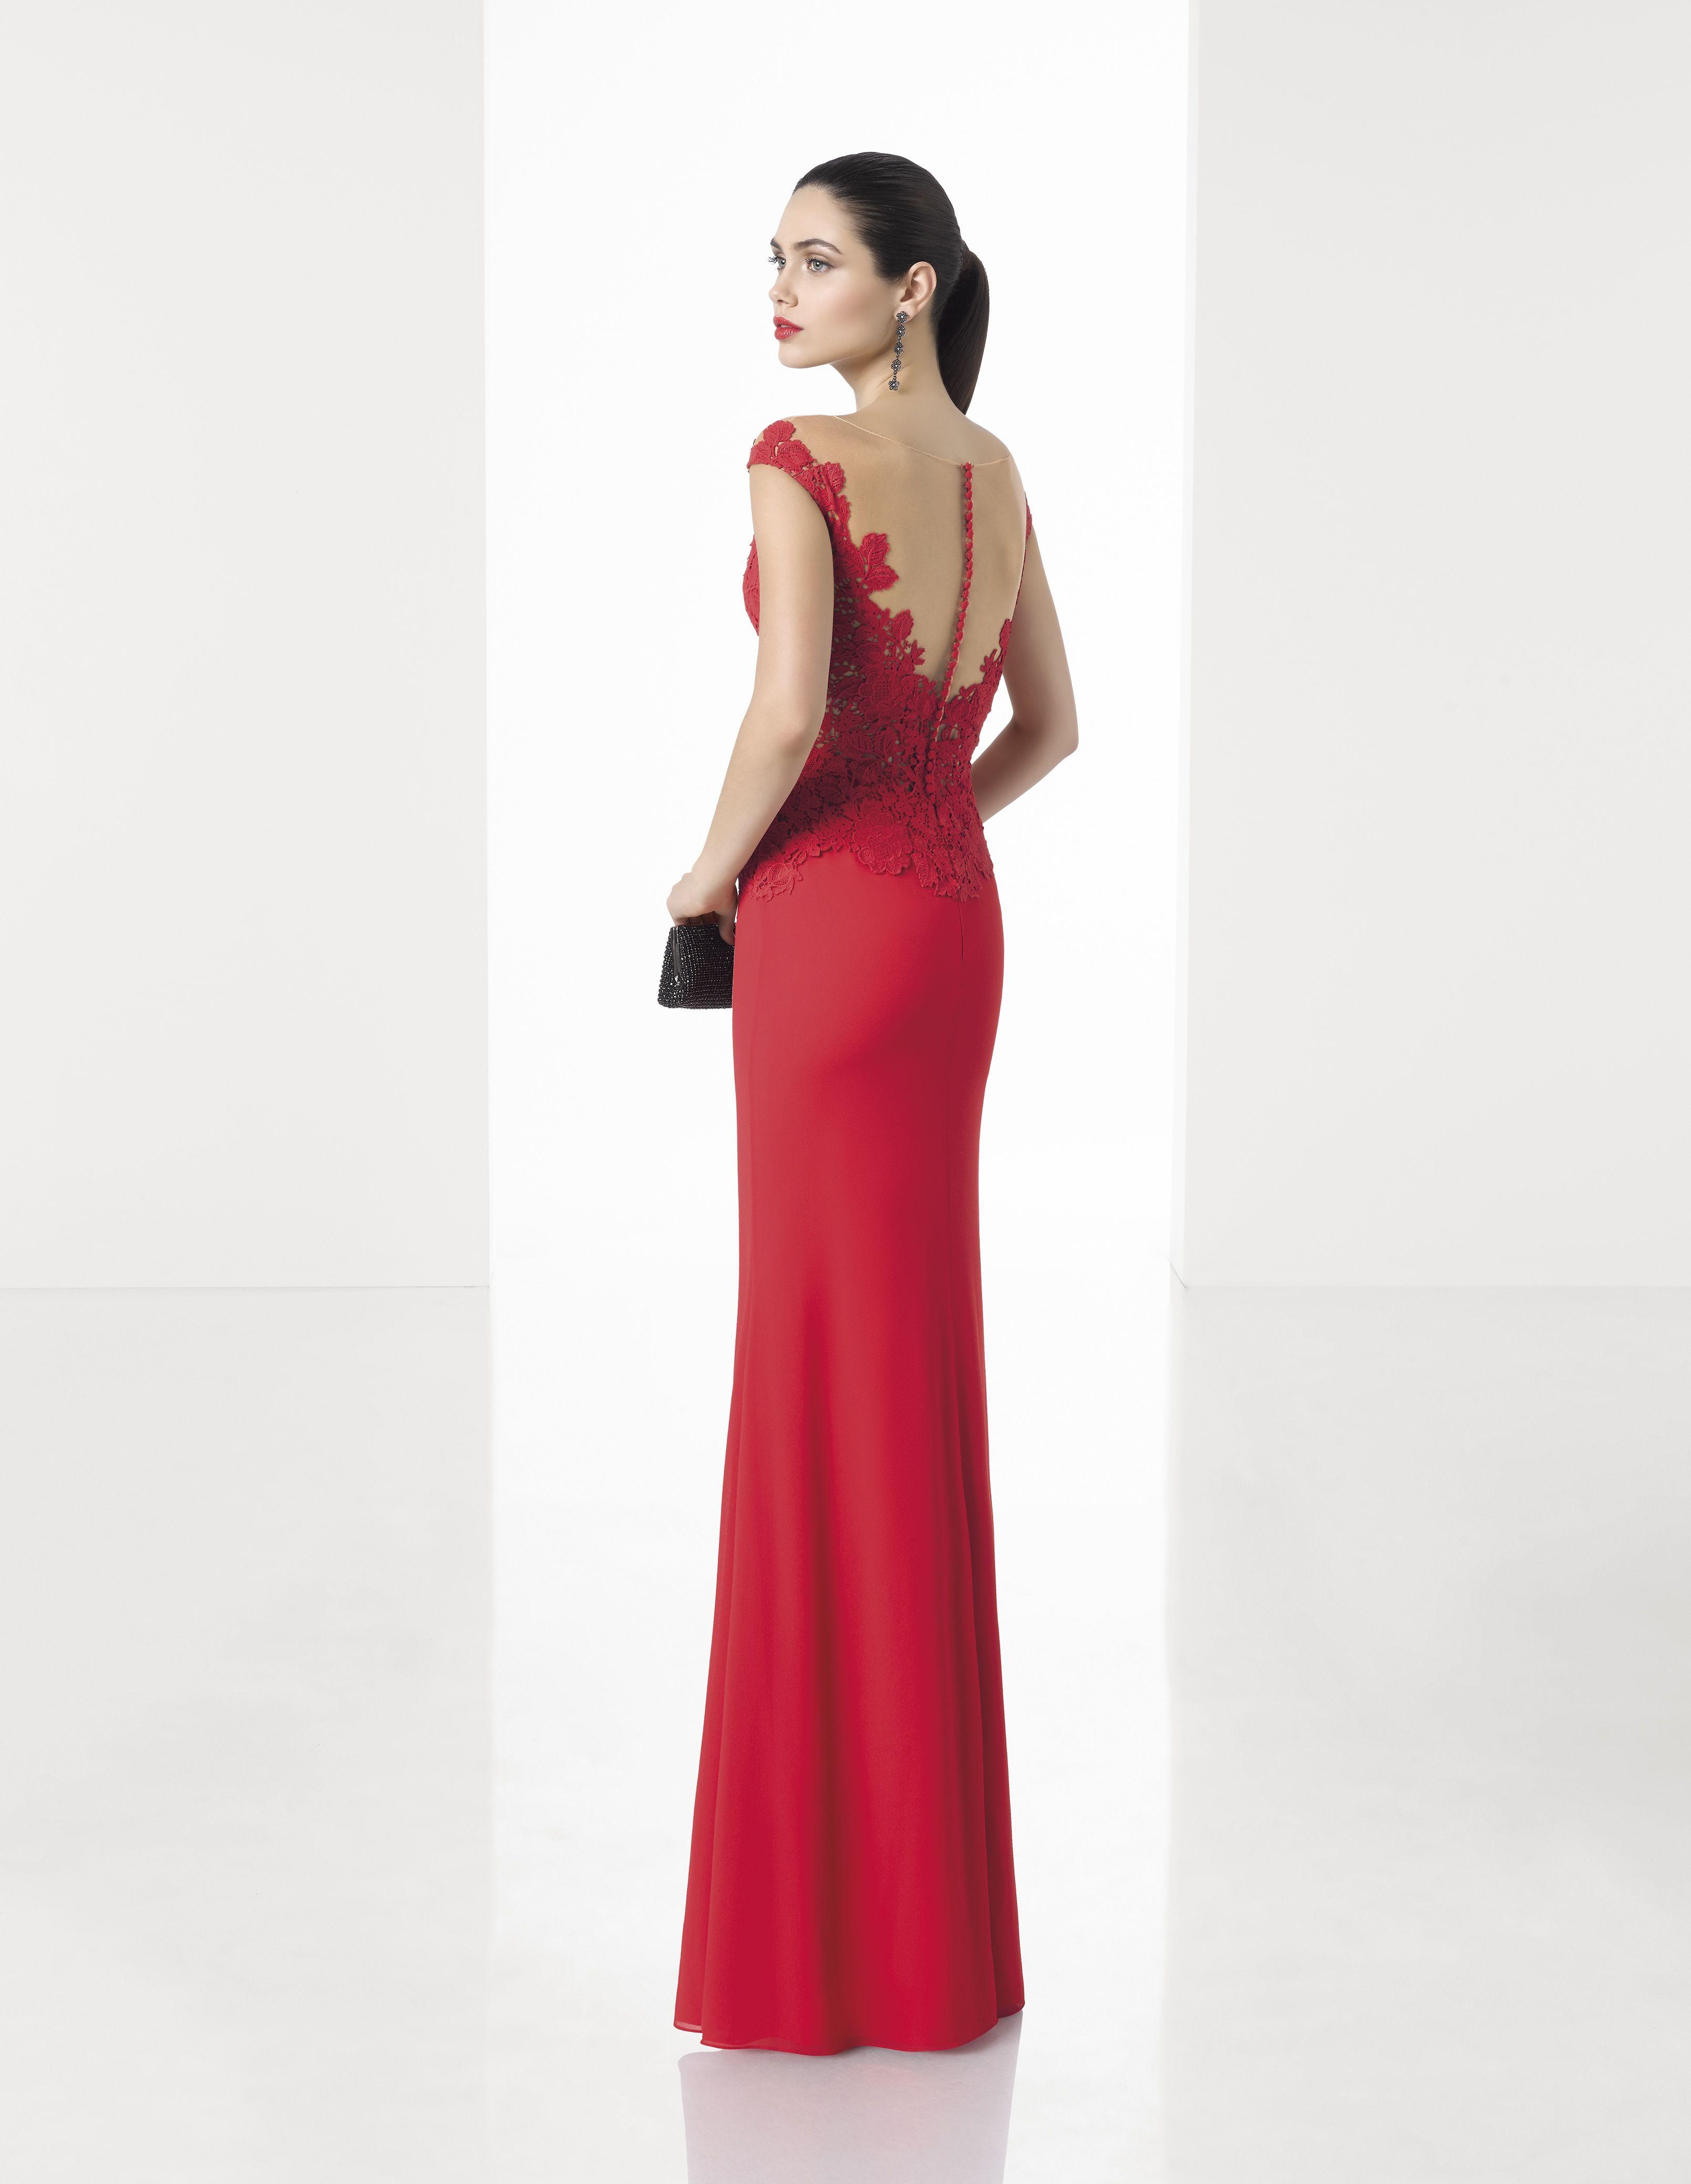 Vestido de Fiesta de Rosa Clará (1T267), colección elegance, largo